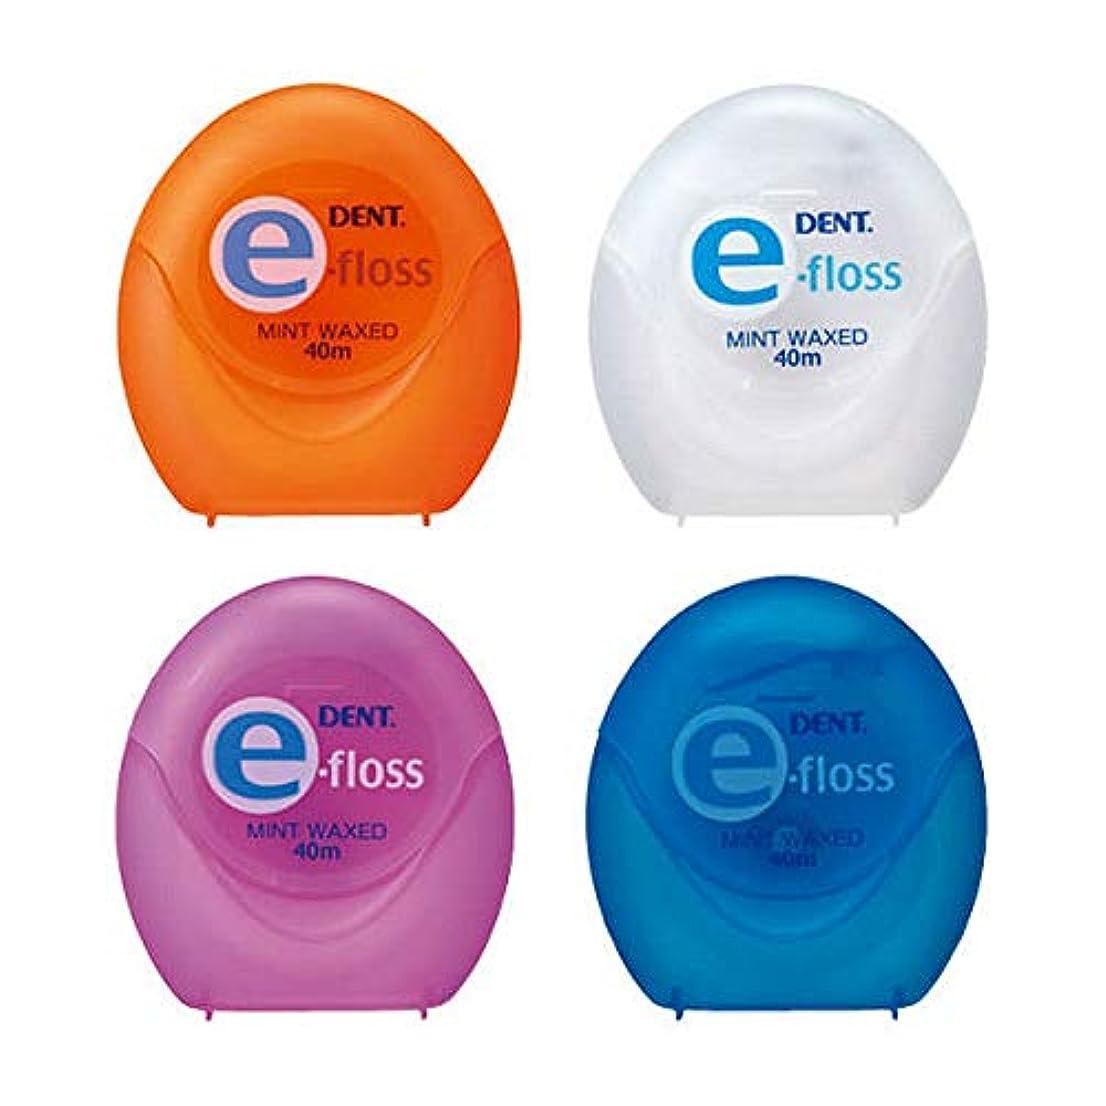 乳製品そばににおいライオン DENT . e-floss デントイーフロス 12個入